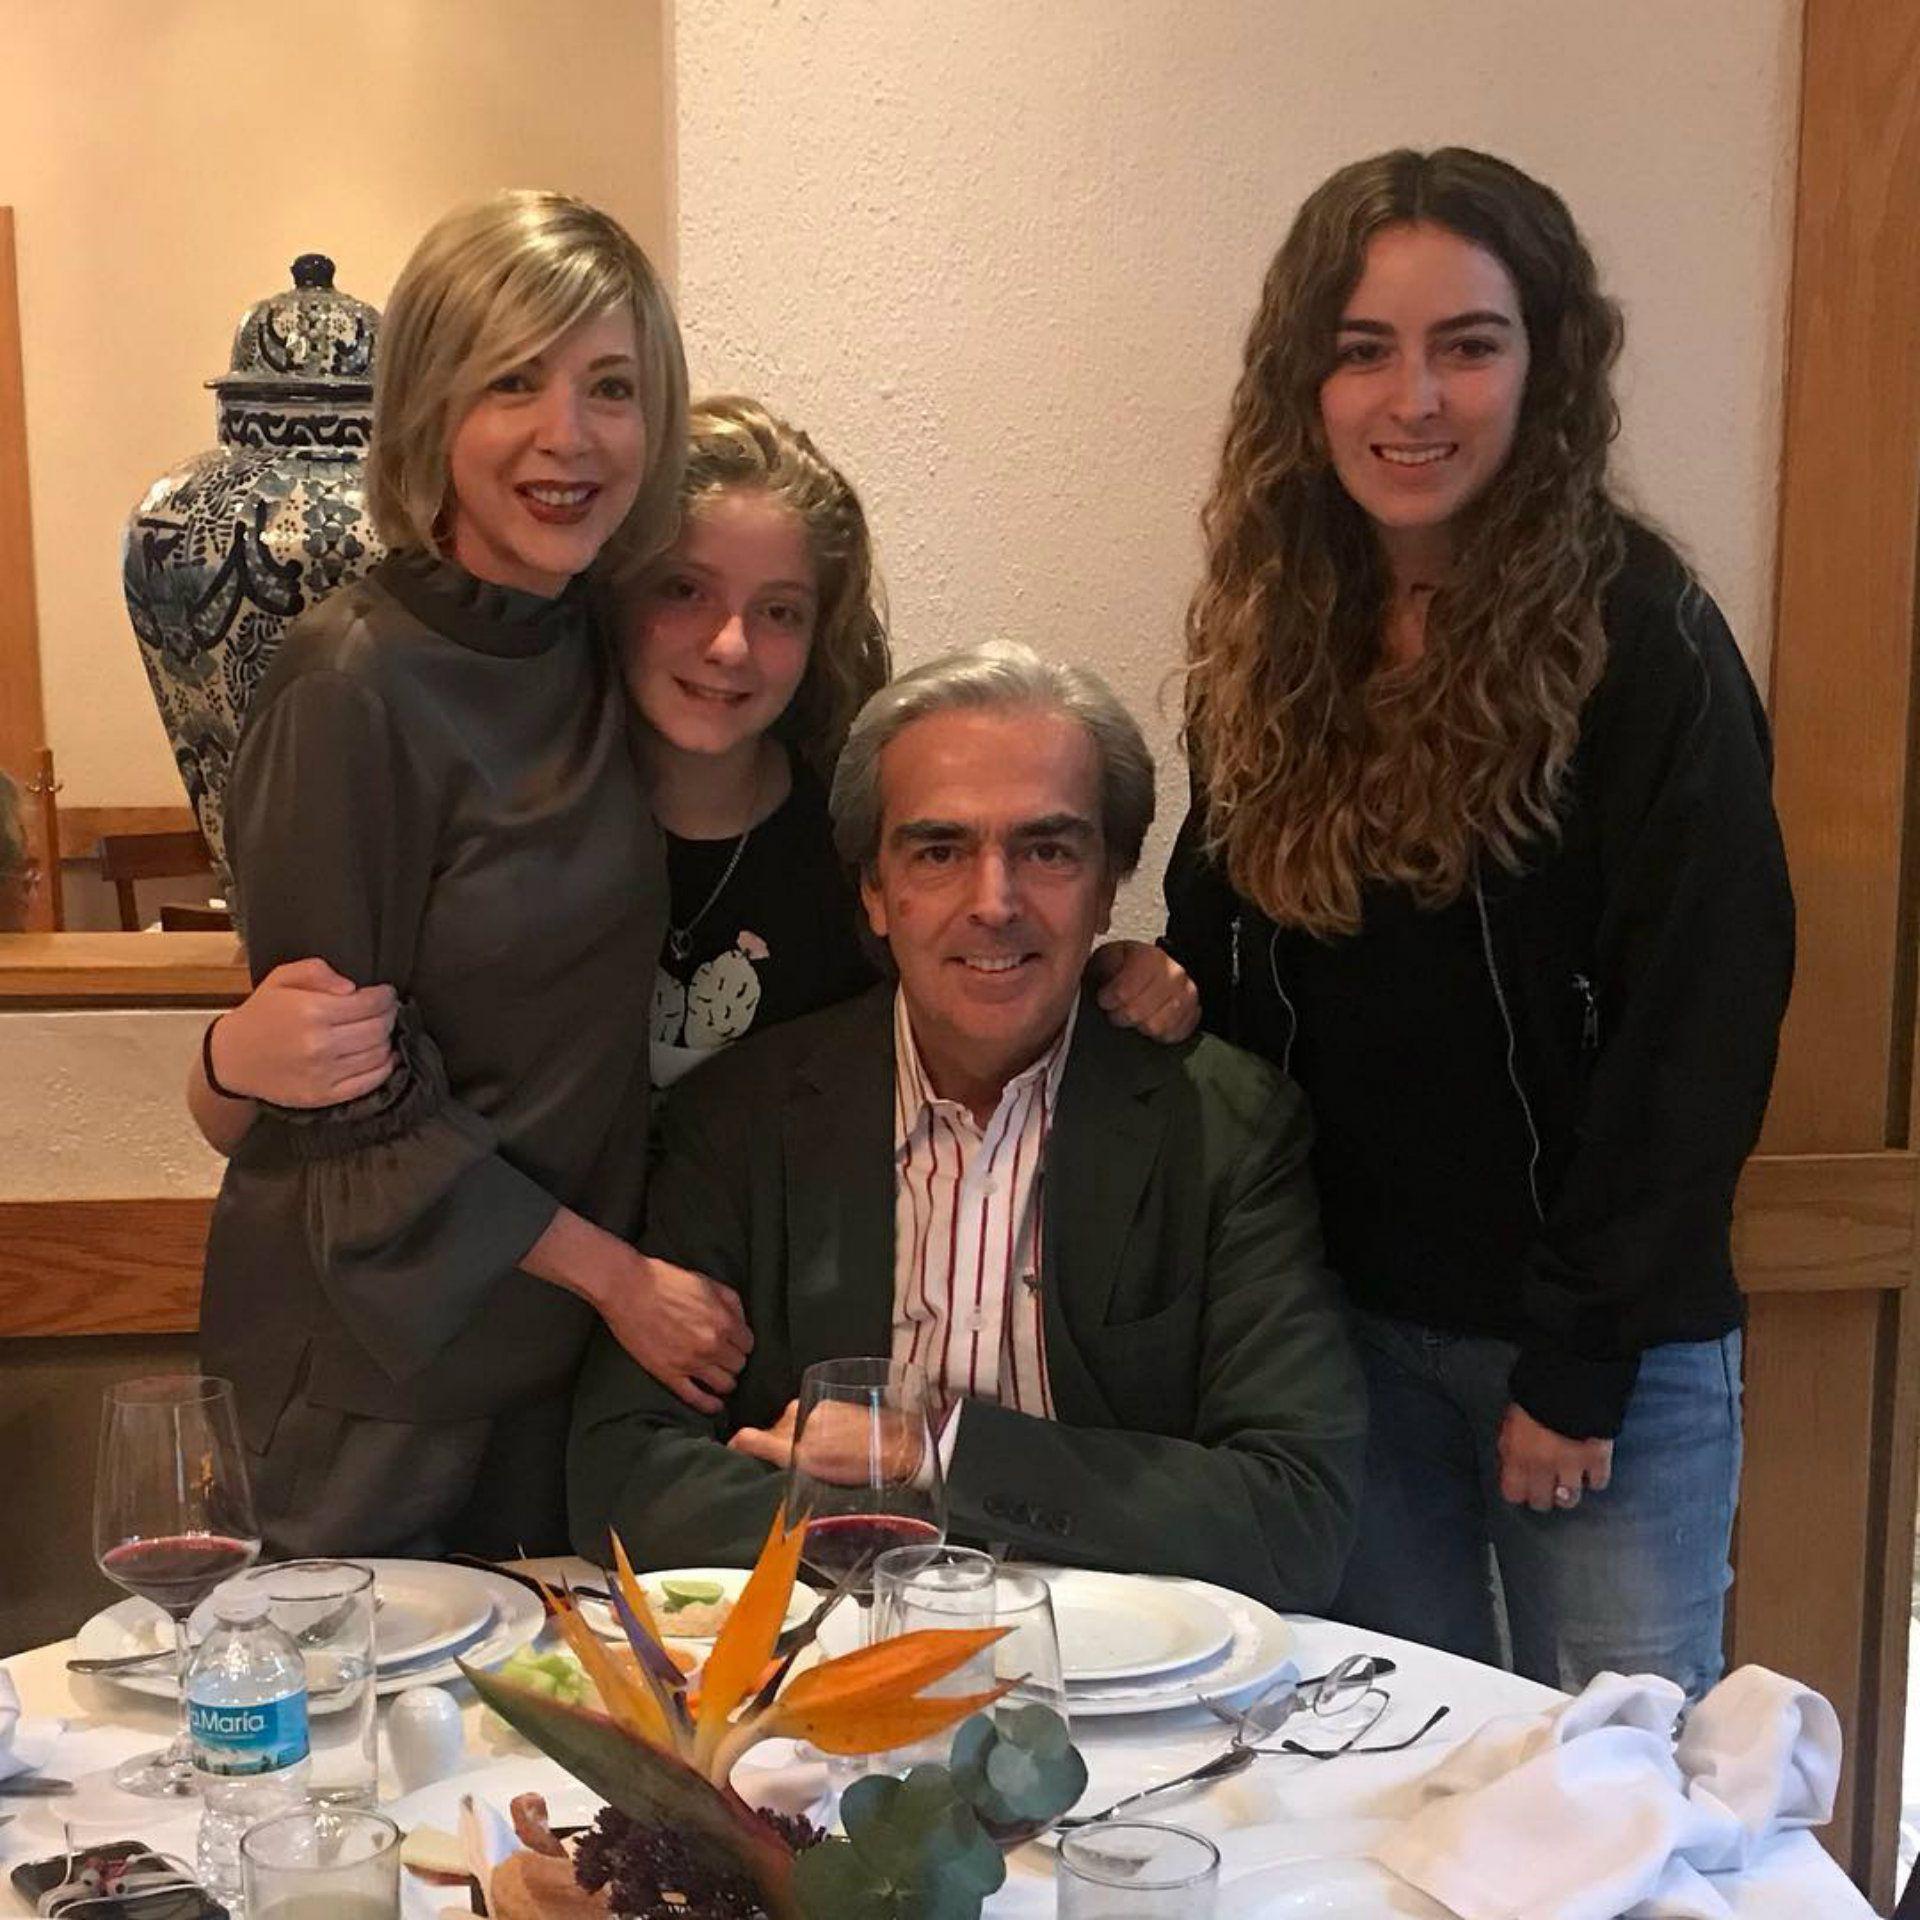 Lorenzo y Edith formaron una familia con sus respectivas hijas (Instagram)